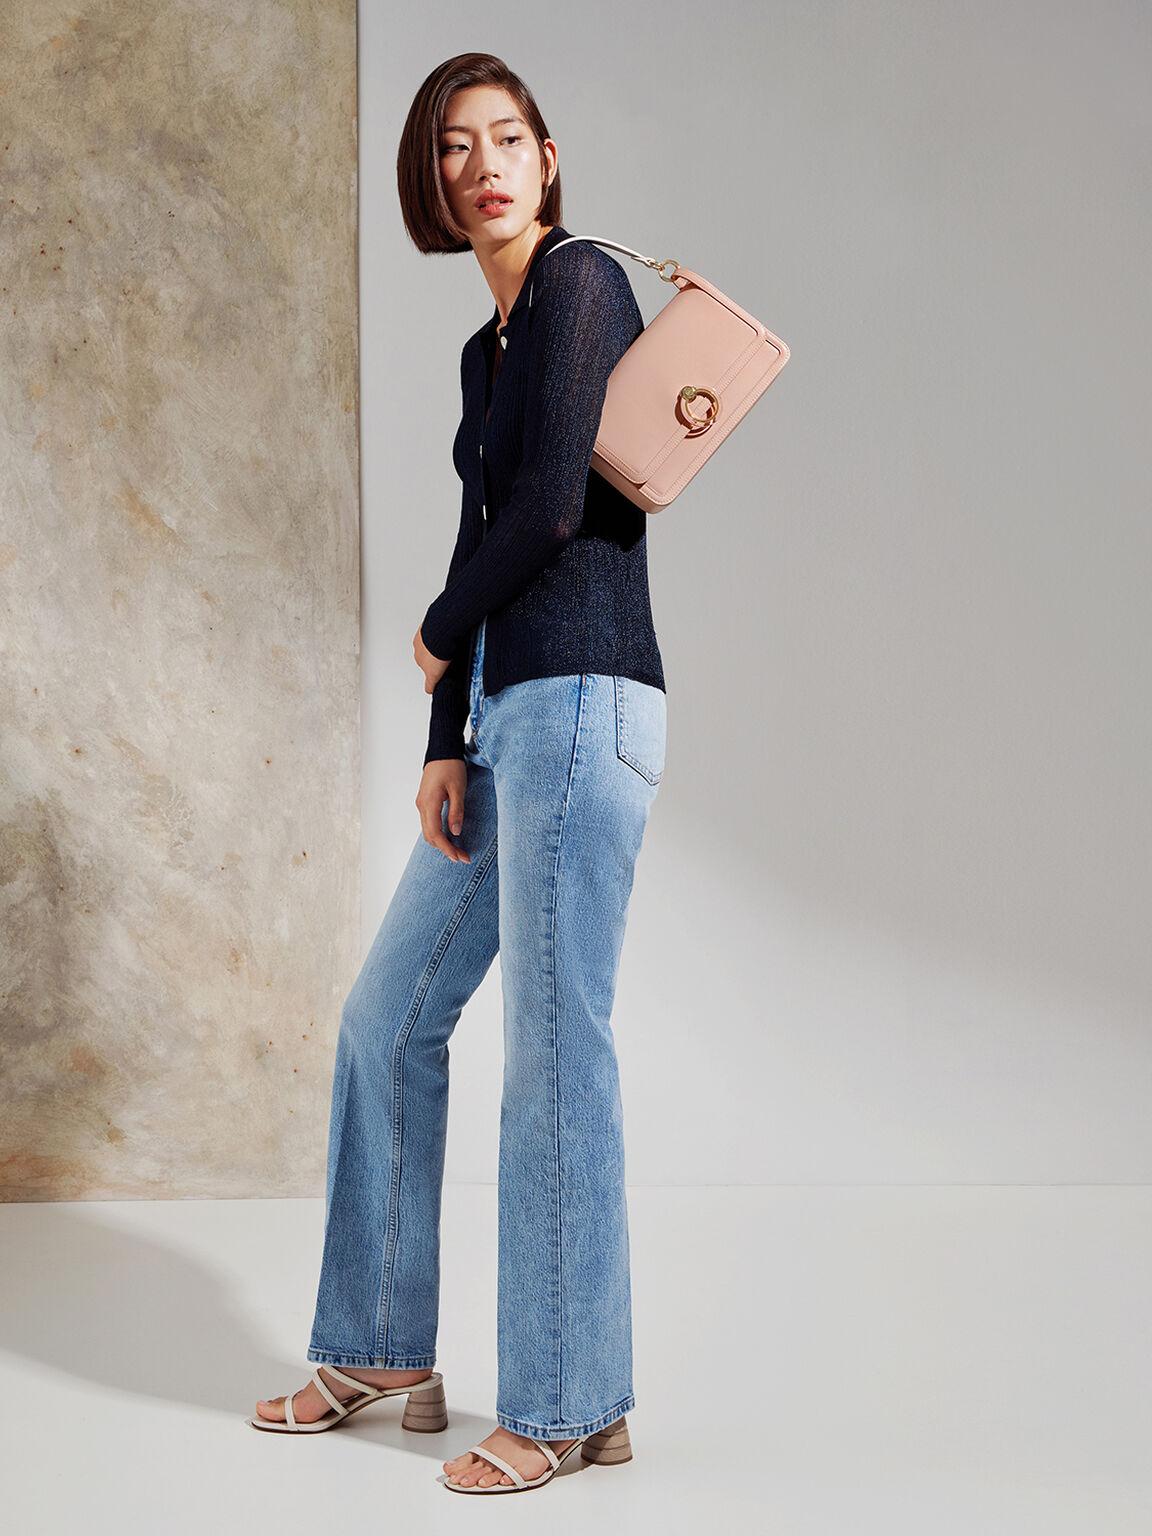 Structured Shoulder Bag, Nude, hi-res